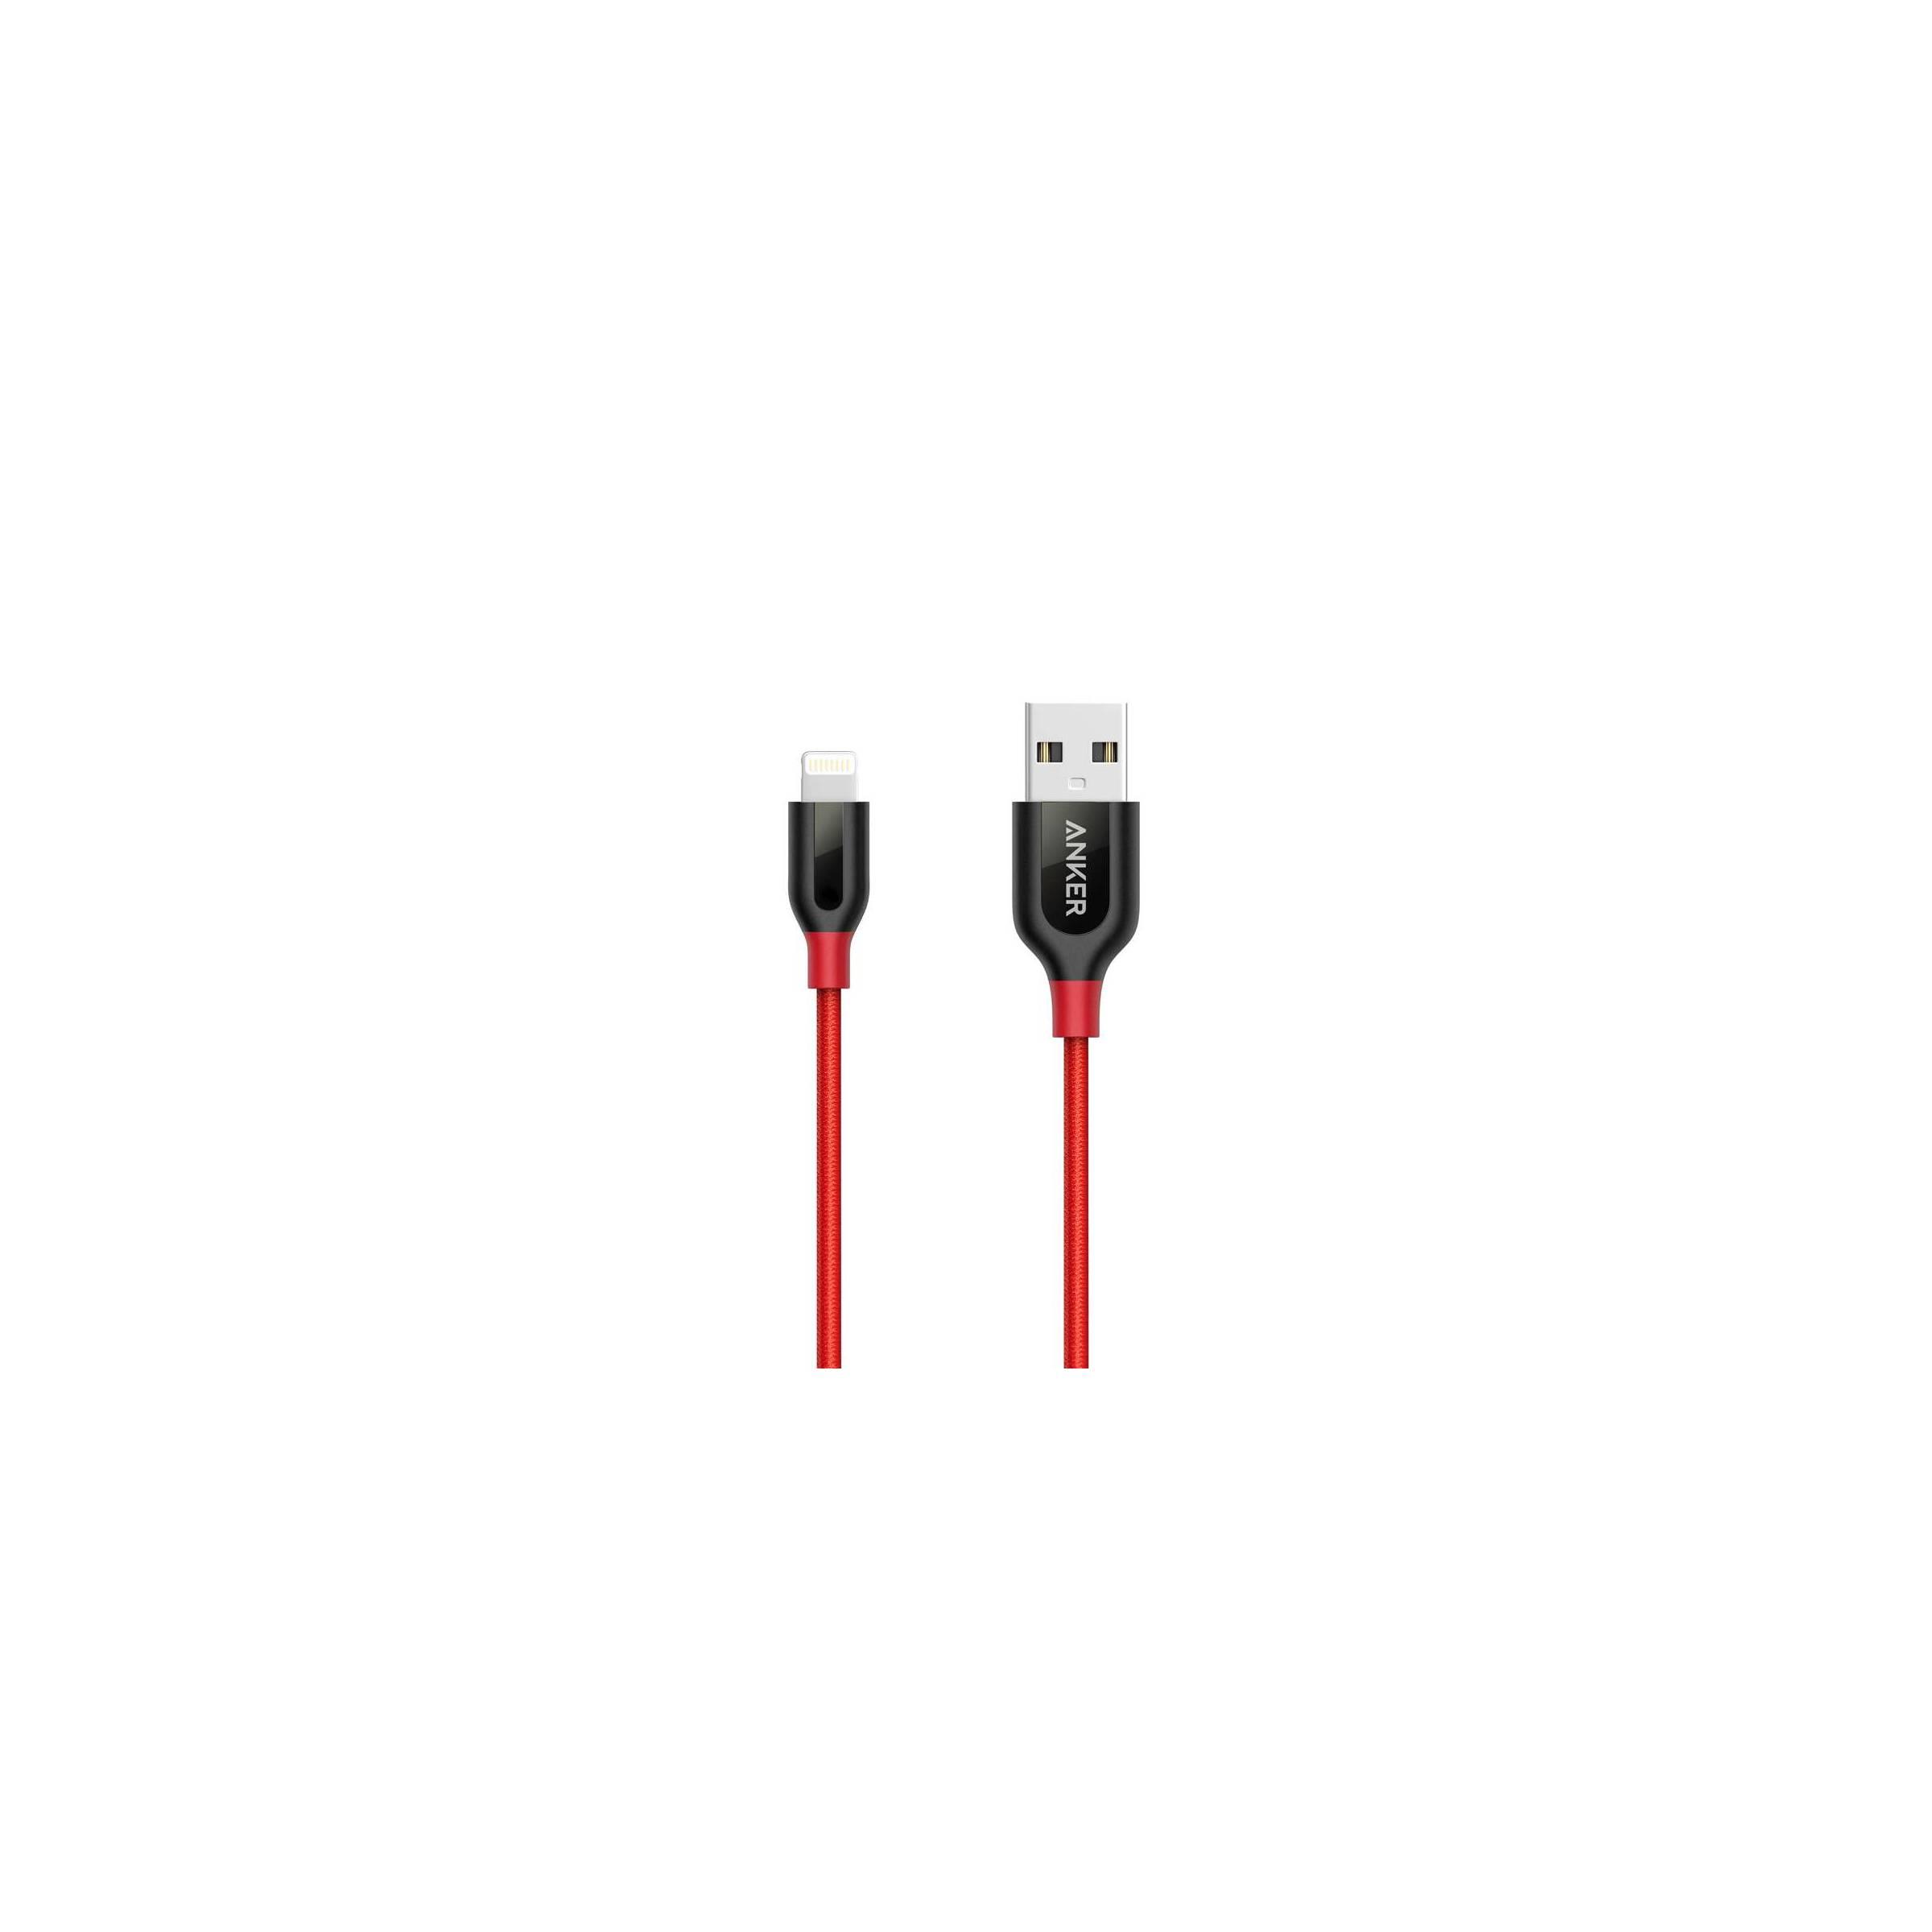 Anker powerline+ mfi lightning kabel med lomme 0,9m/1,8m farve rød, længde 1,8m / 180cm / 6ft fra anker på mackabler.dk